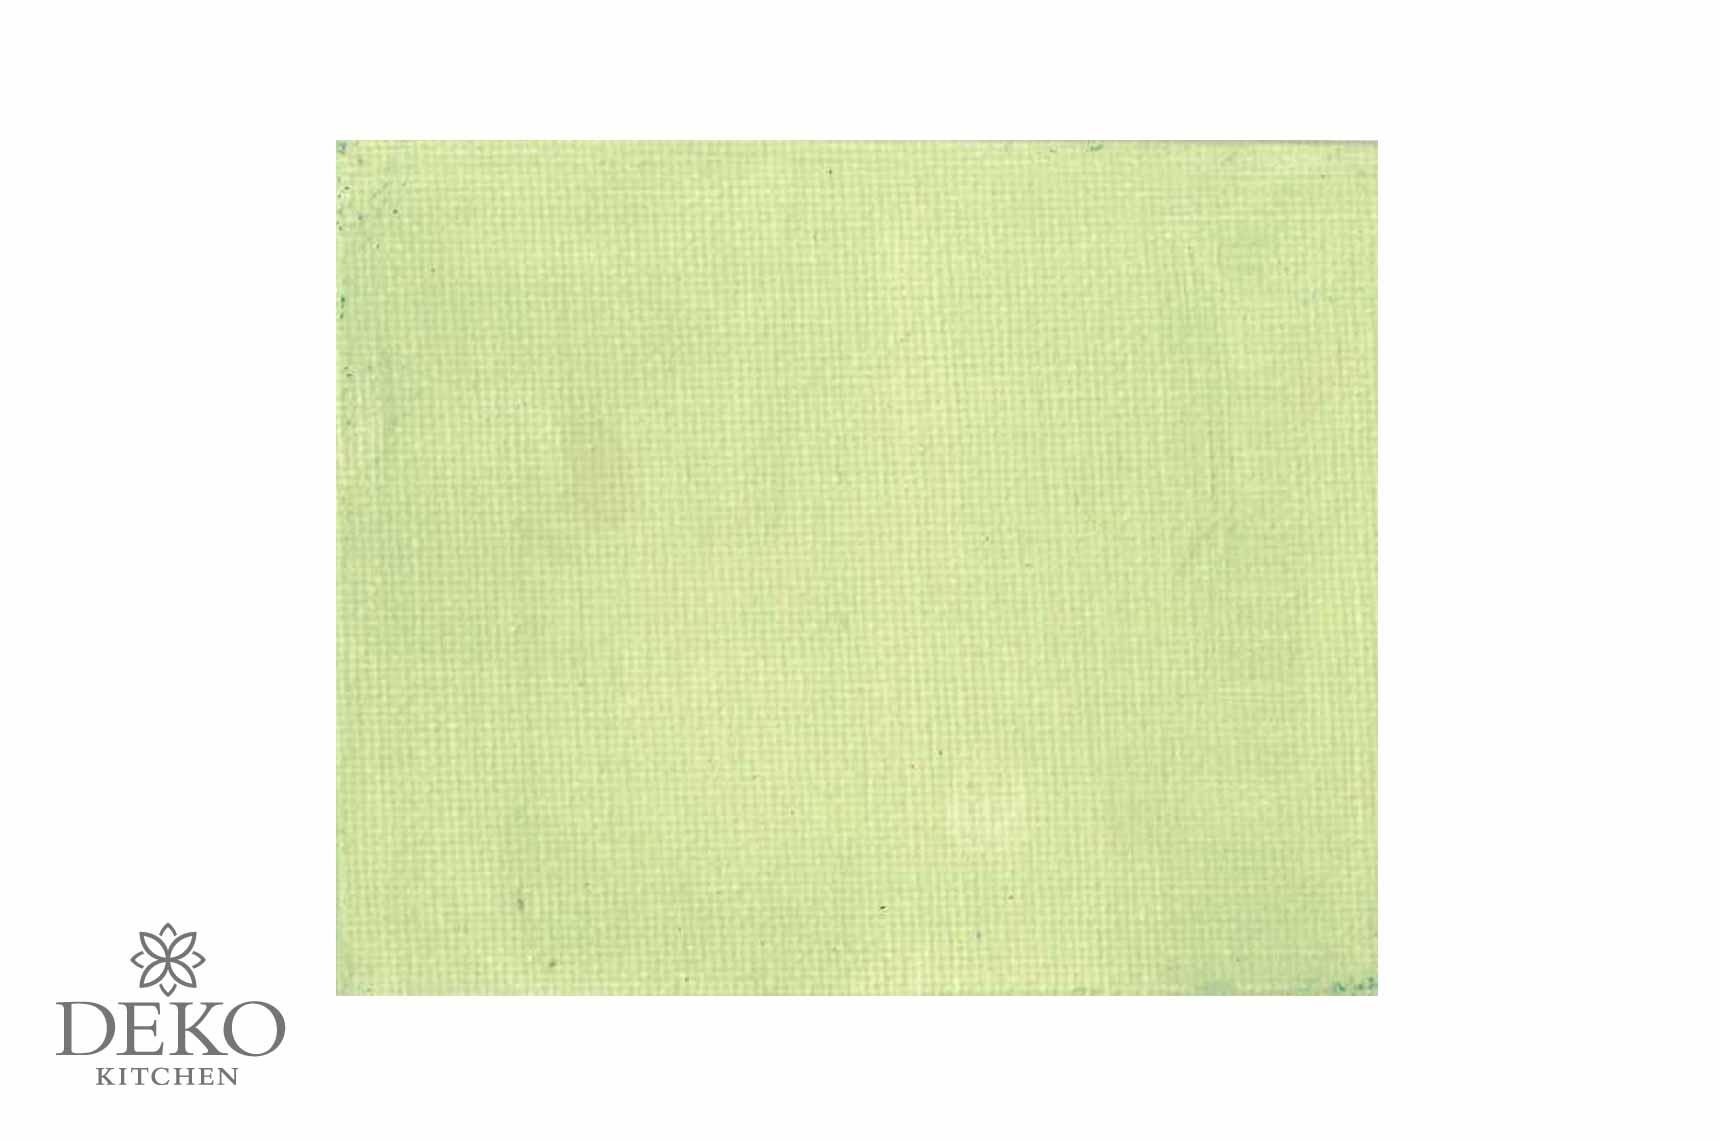 Farbe Pistazie Kombinieren : inka silk farbe auf wasserbasis pistazie deko kitchen shop ~ Bigdaddyawards.com Haus und Dekorationen